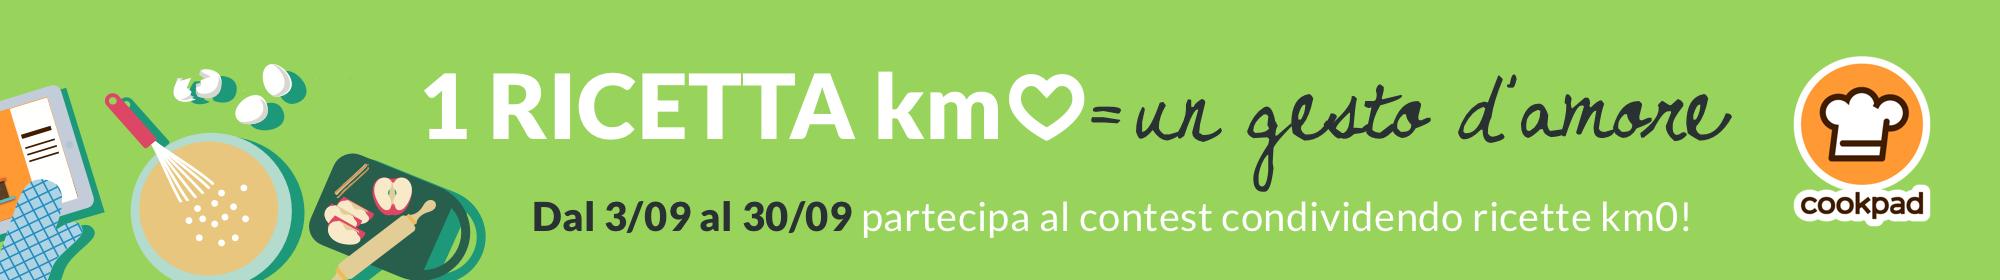 1 ricetta Km0 = un gesto d'amore